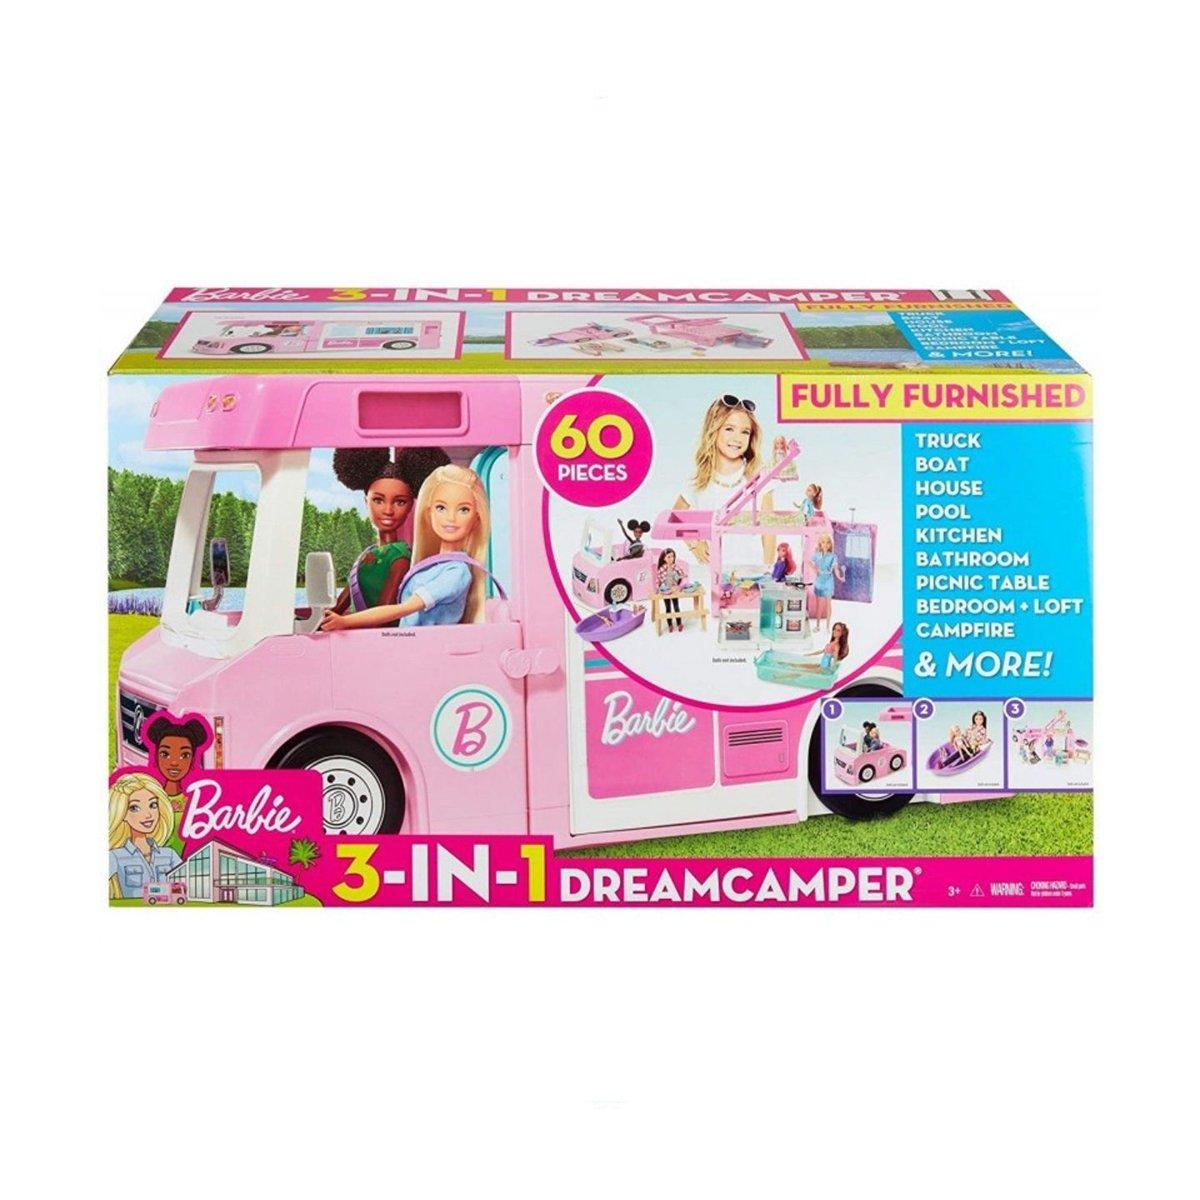 Masinuta Barbie, Rulota de vis 3 in 1, cu 60 accesorii